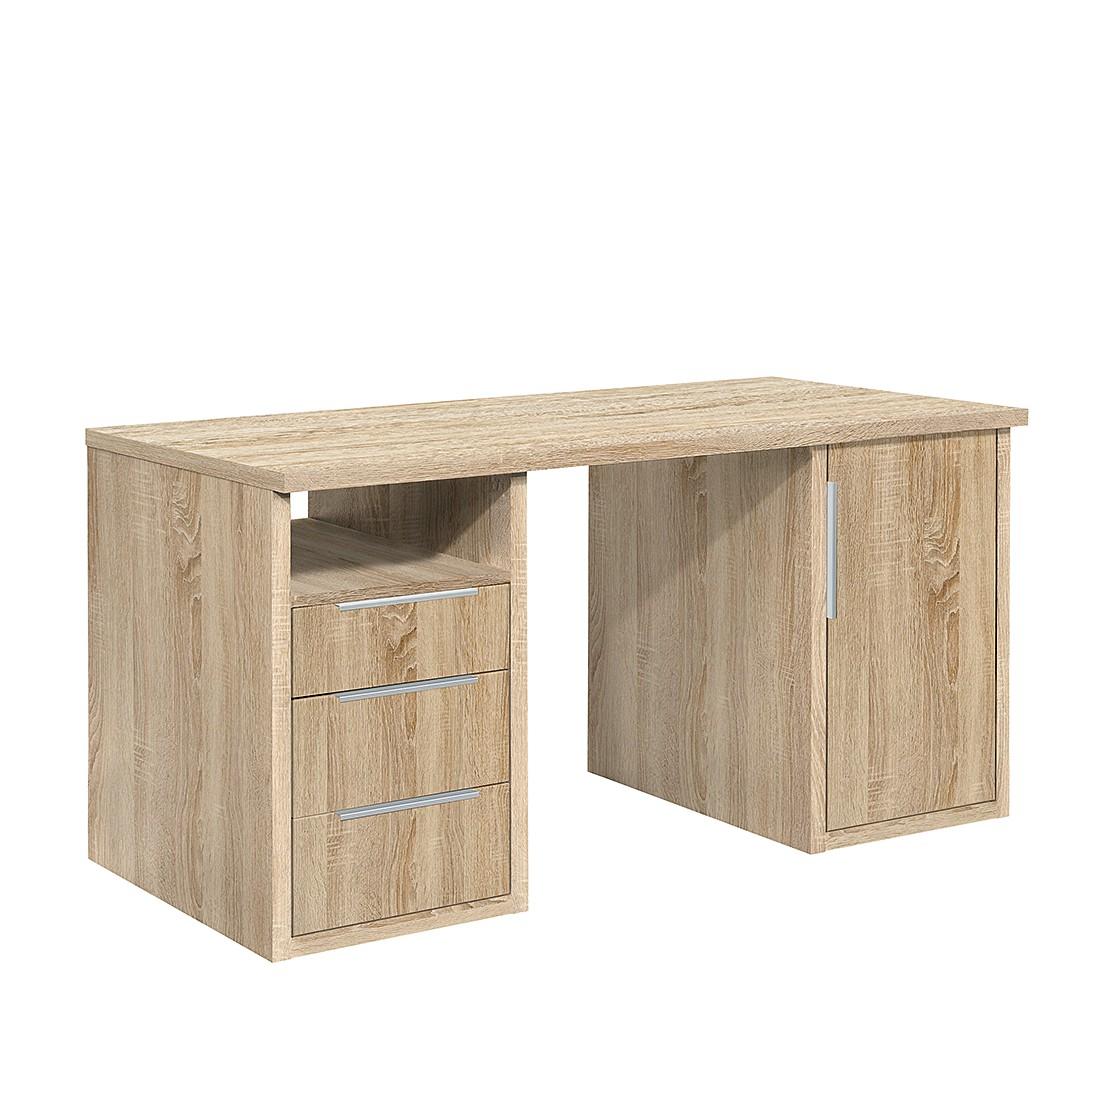 schreibtisch 140 cm preis vergleich 2016. Black Bedroom Furniture Sets. Home Design Ideas